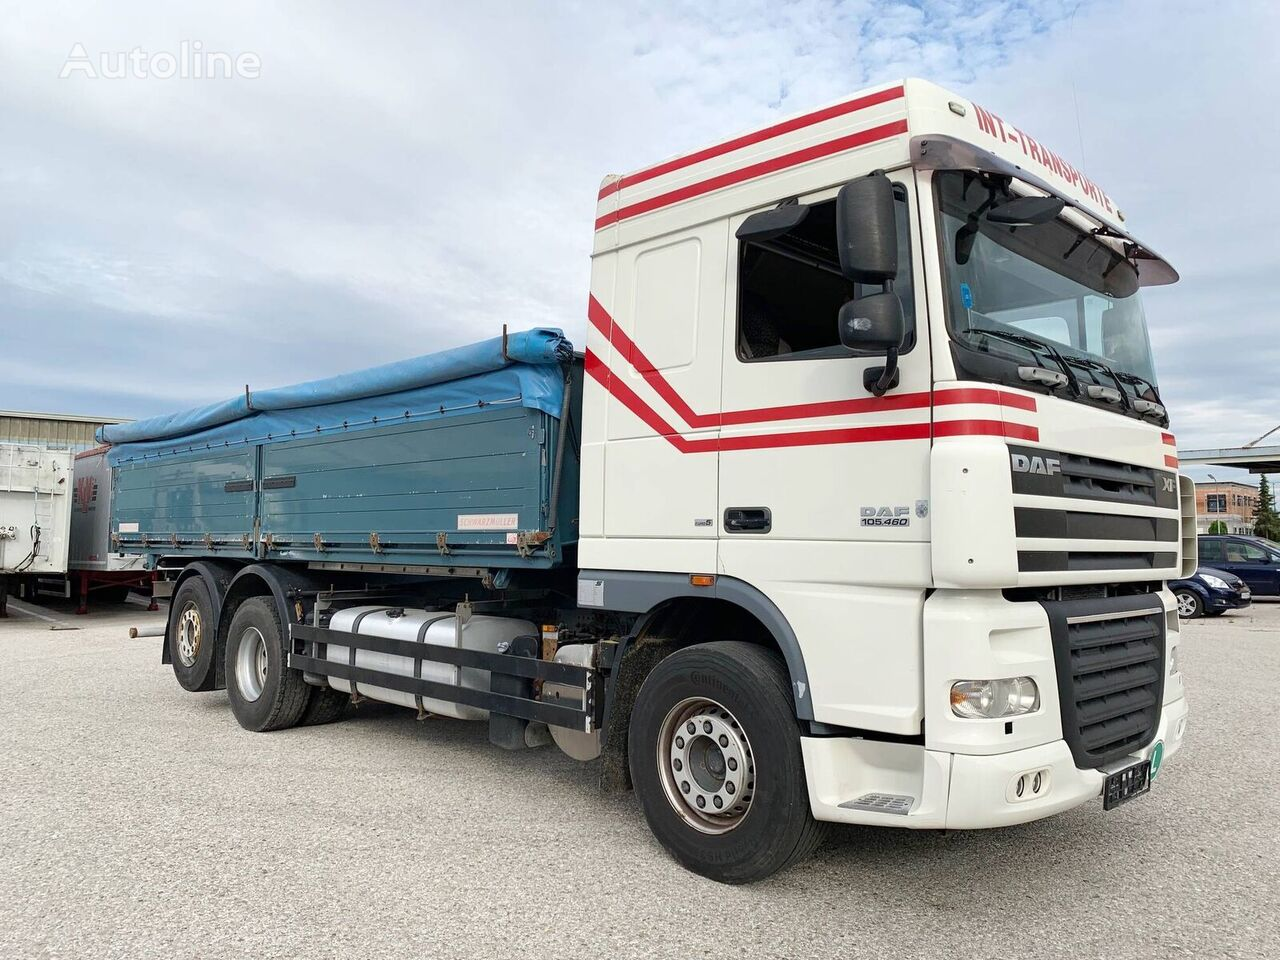 DAF XF105 kamion za prijevoz zrna